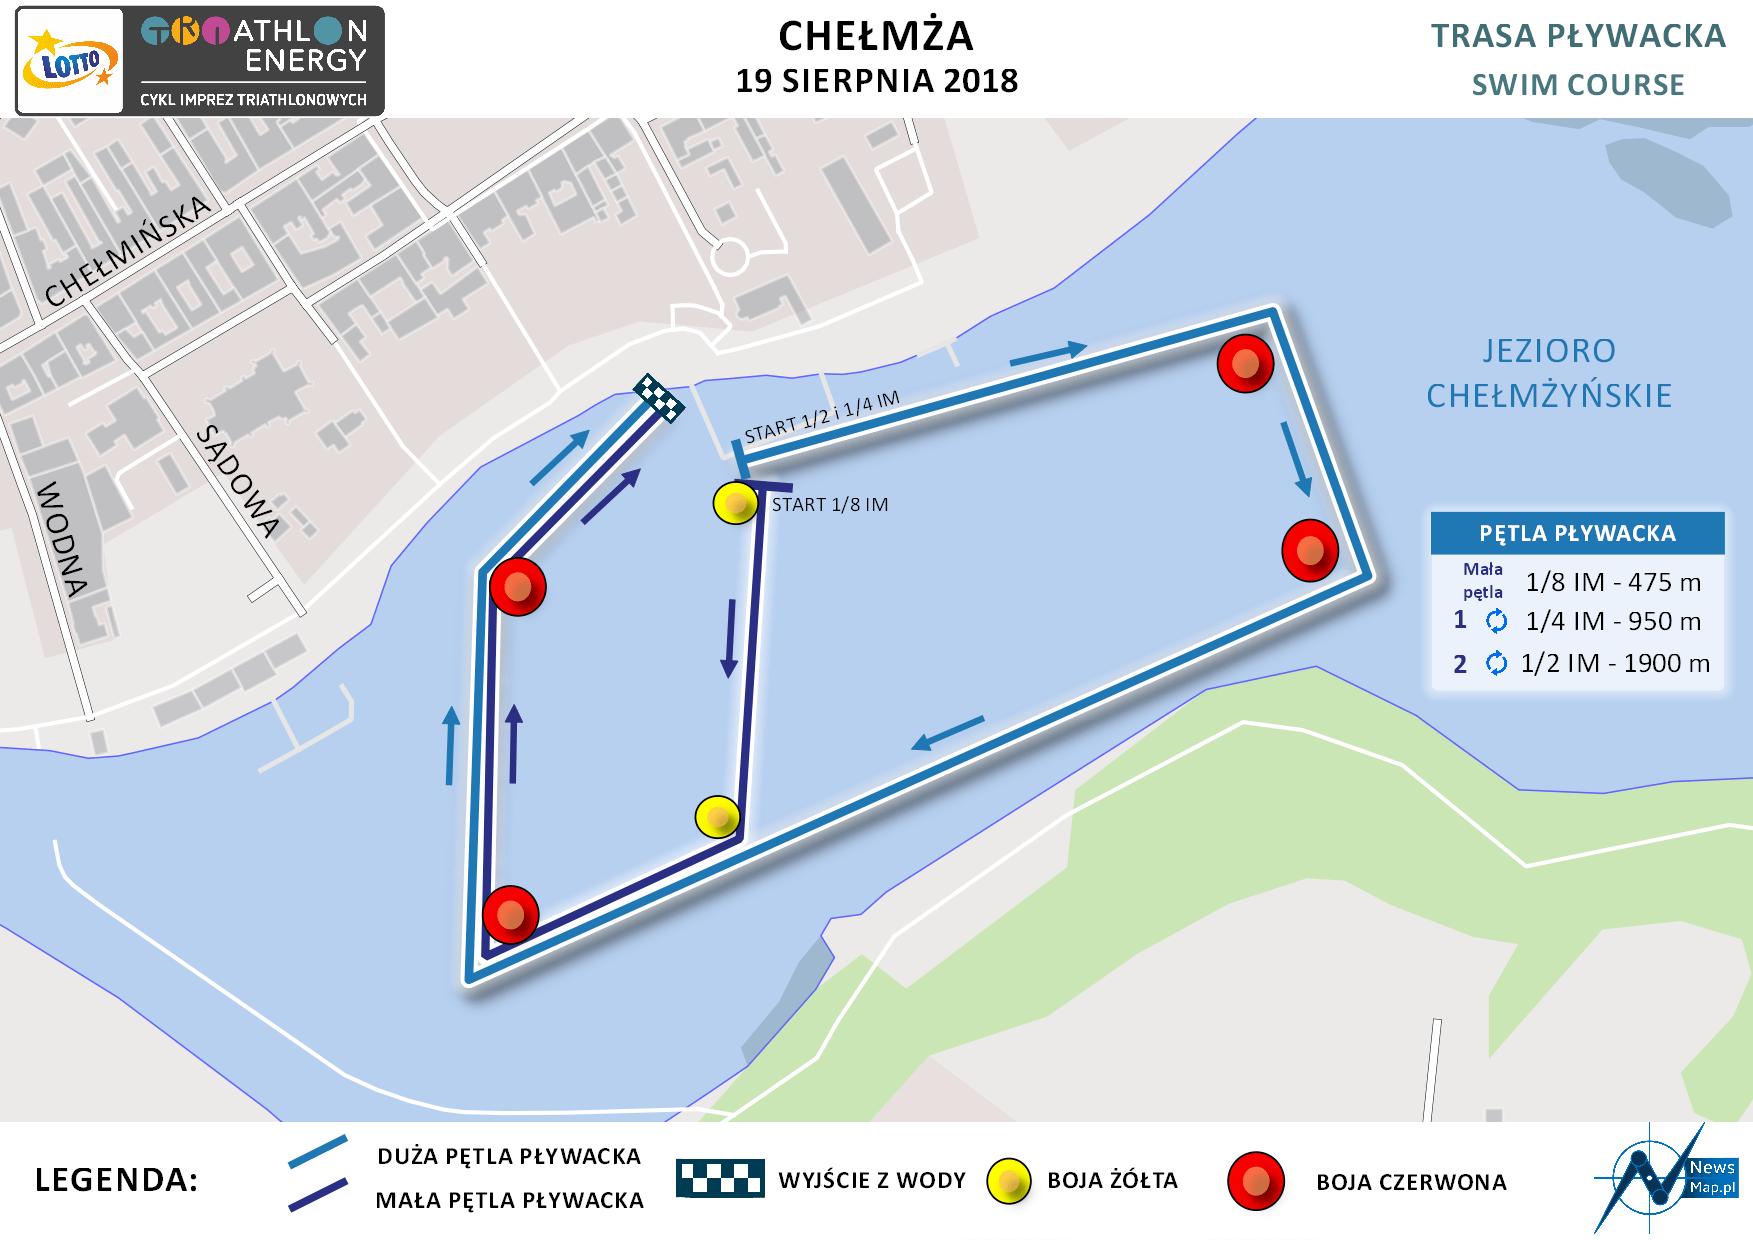 Mapa statyczna Chełmża Energy Triathlon 2018 - pływanie